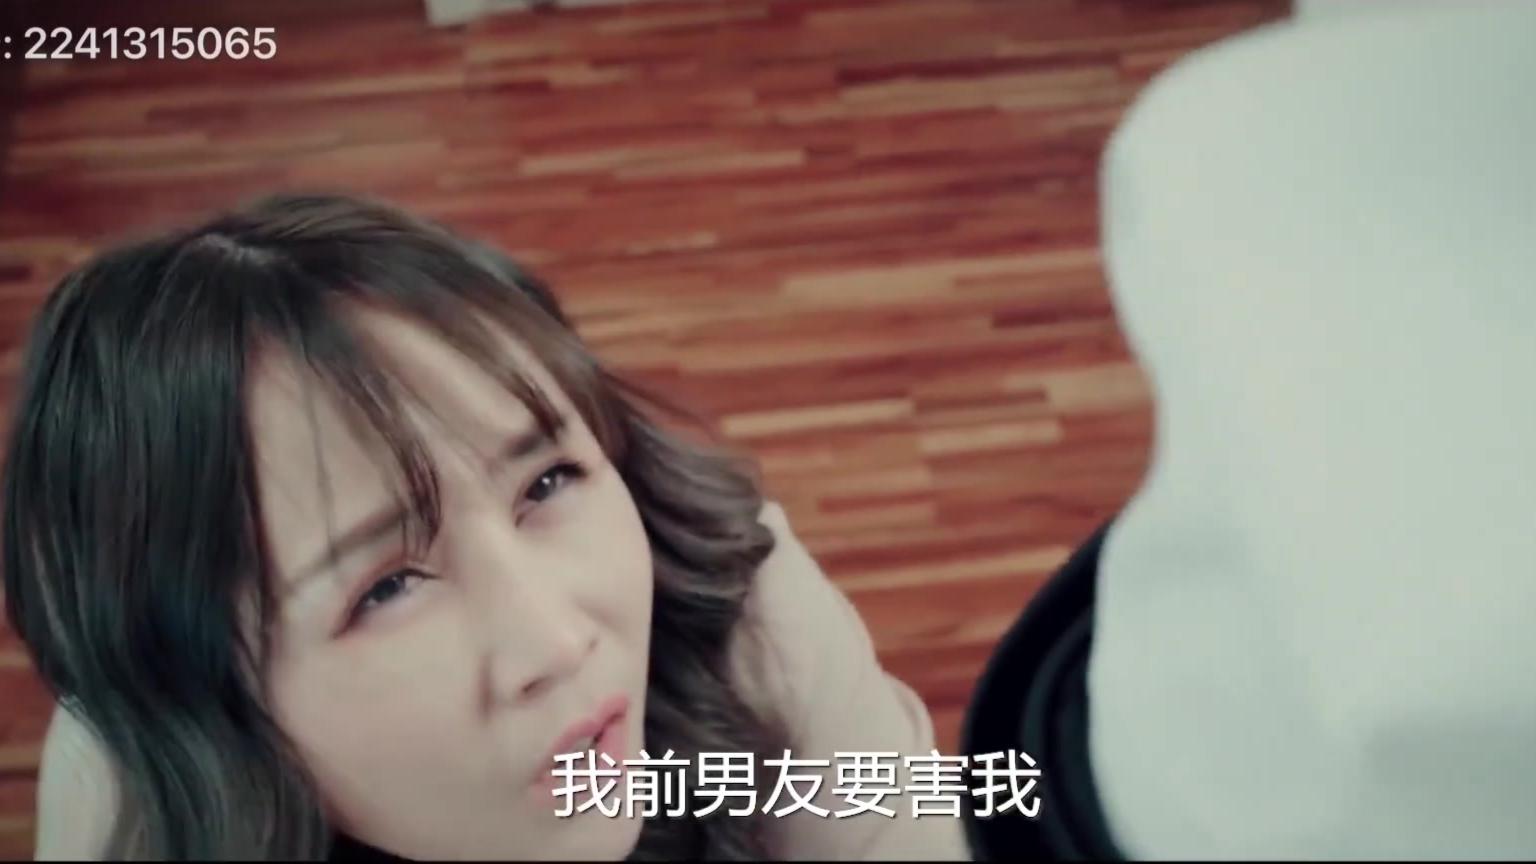 网络上的爽文广告合集 2